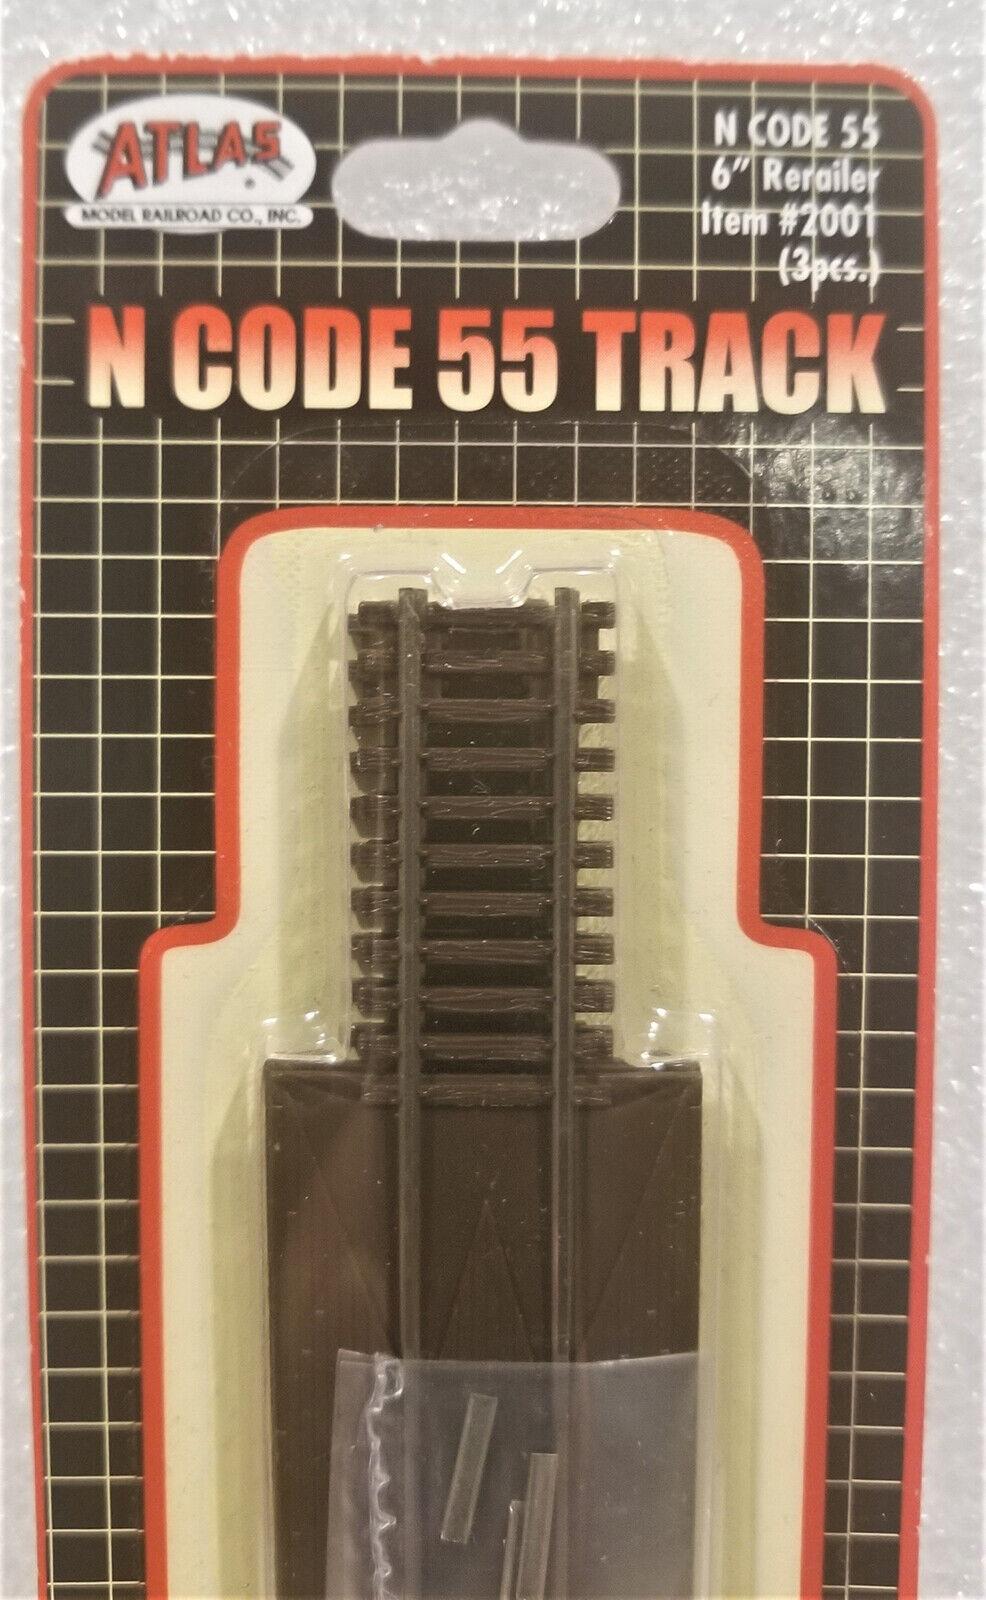 Atlas N Code 55 6 Rerailer